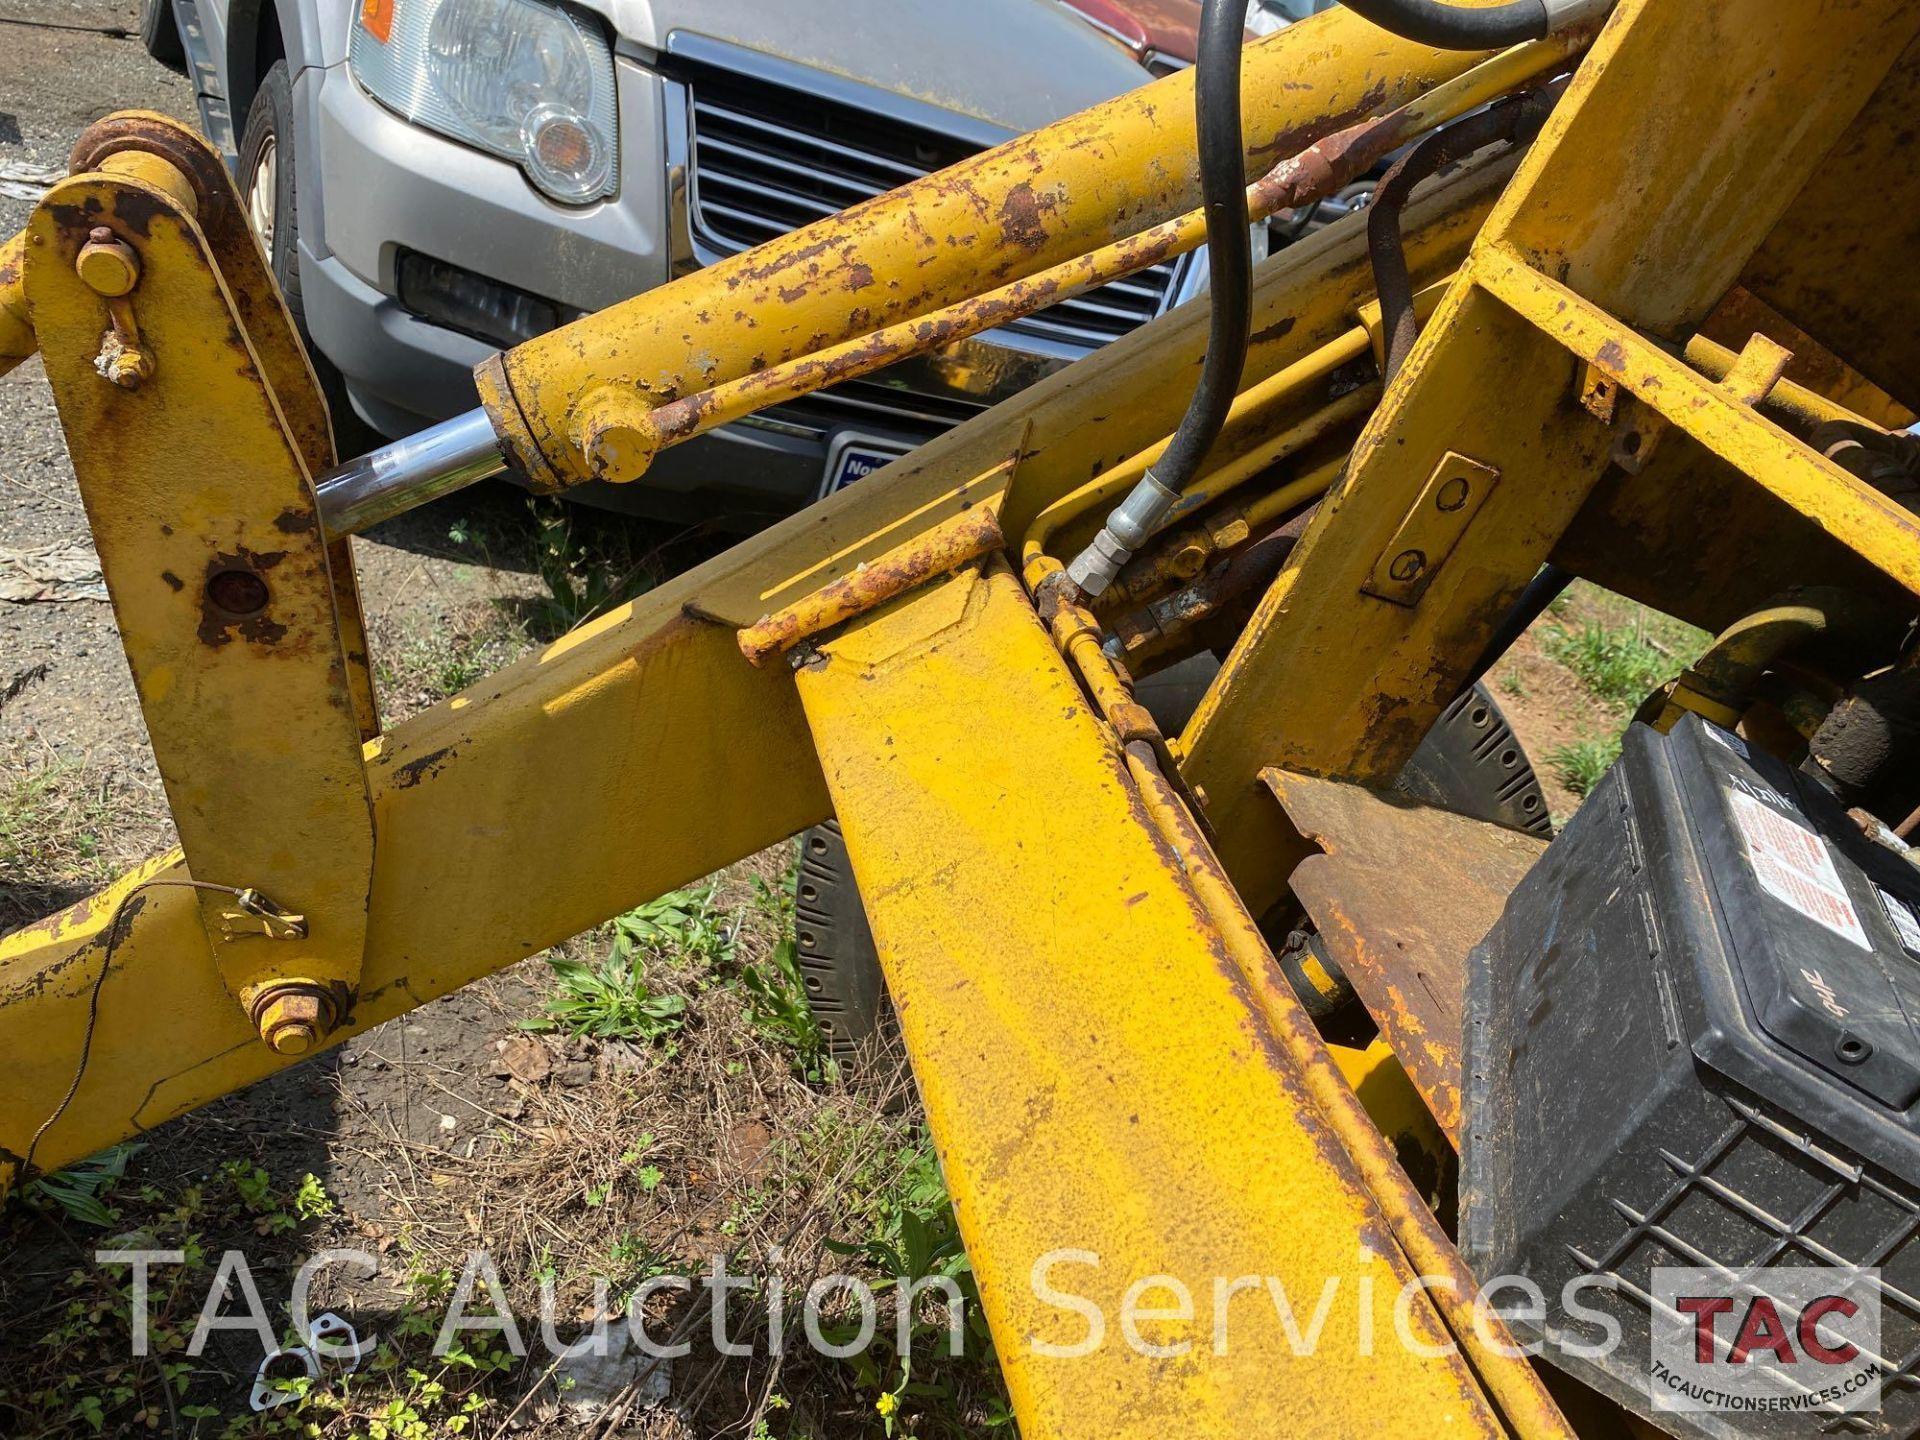 Massey Ferguson 50C Loader Backhoe - Image 18 of 45